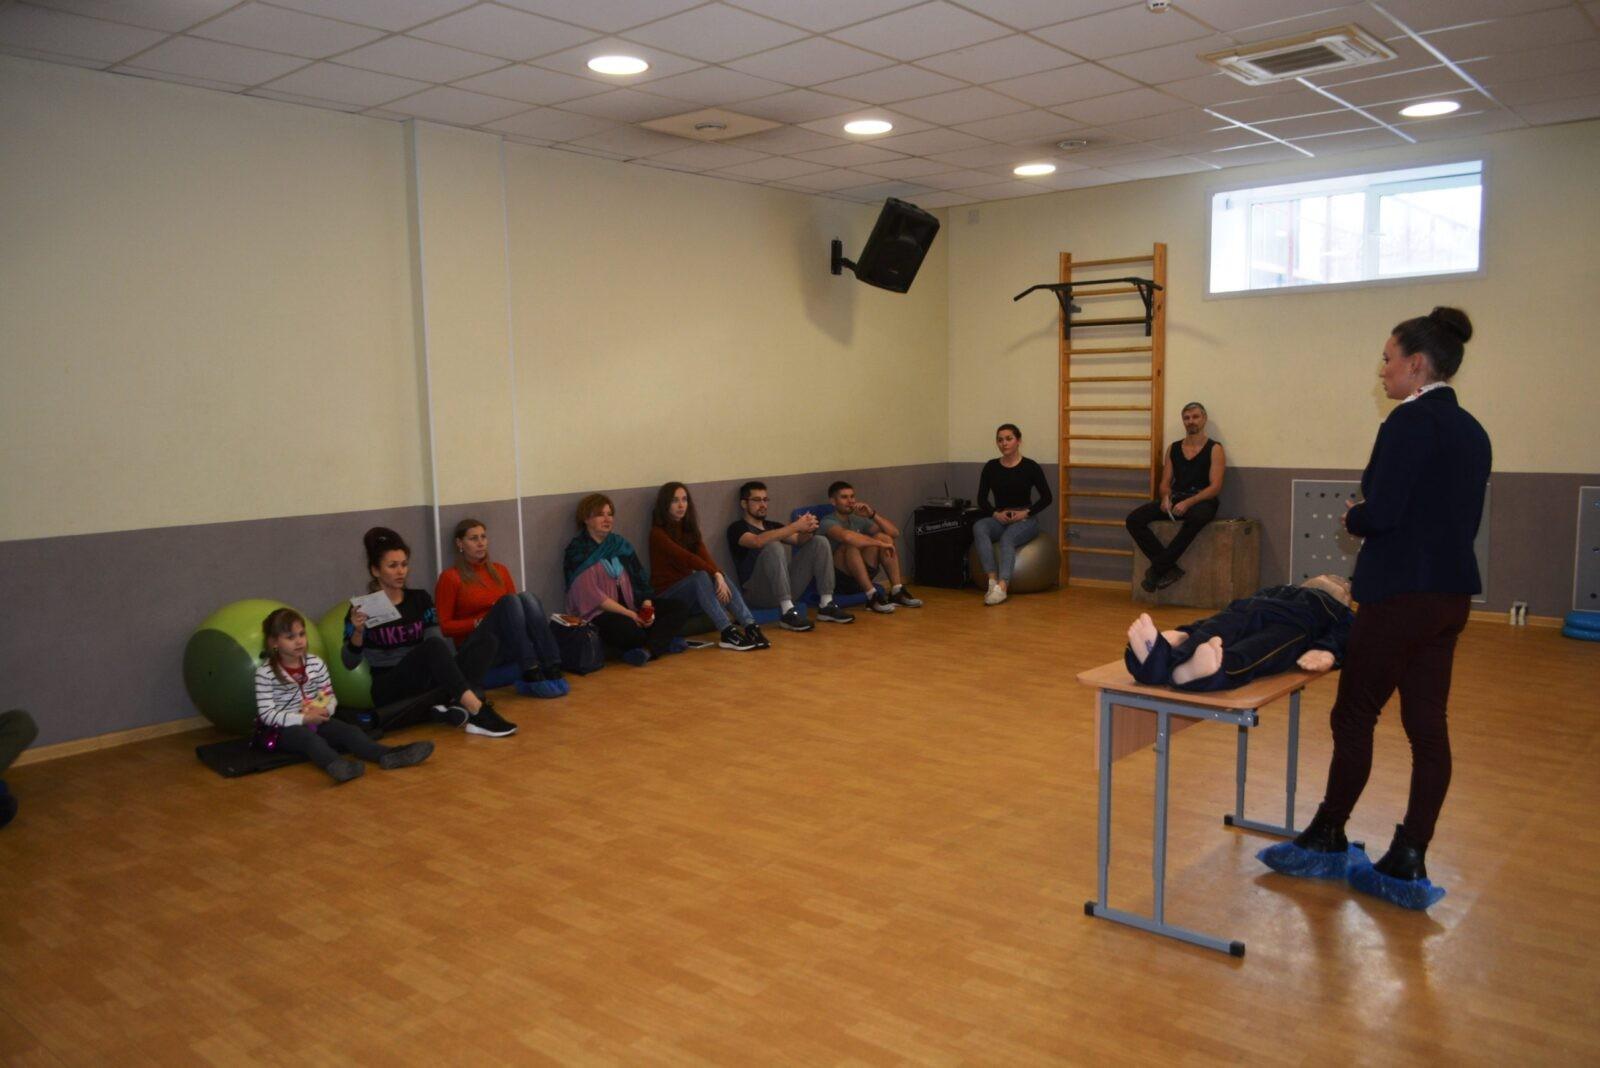 Тверской филиал «Россети Центр» провел урок электробезопасности для спортсменов